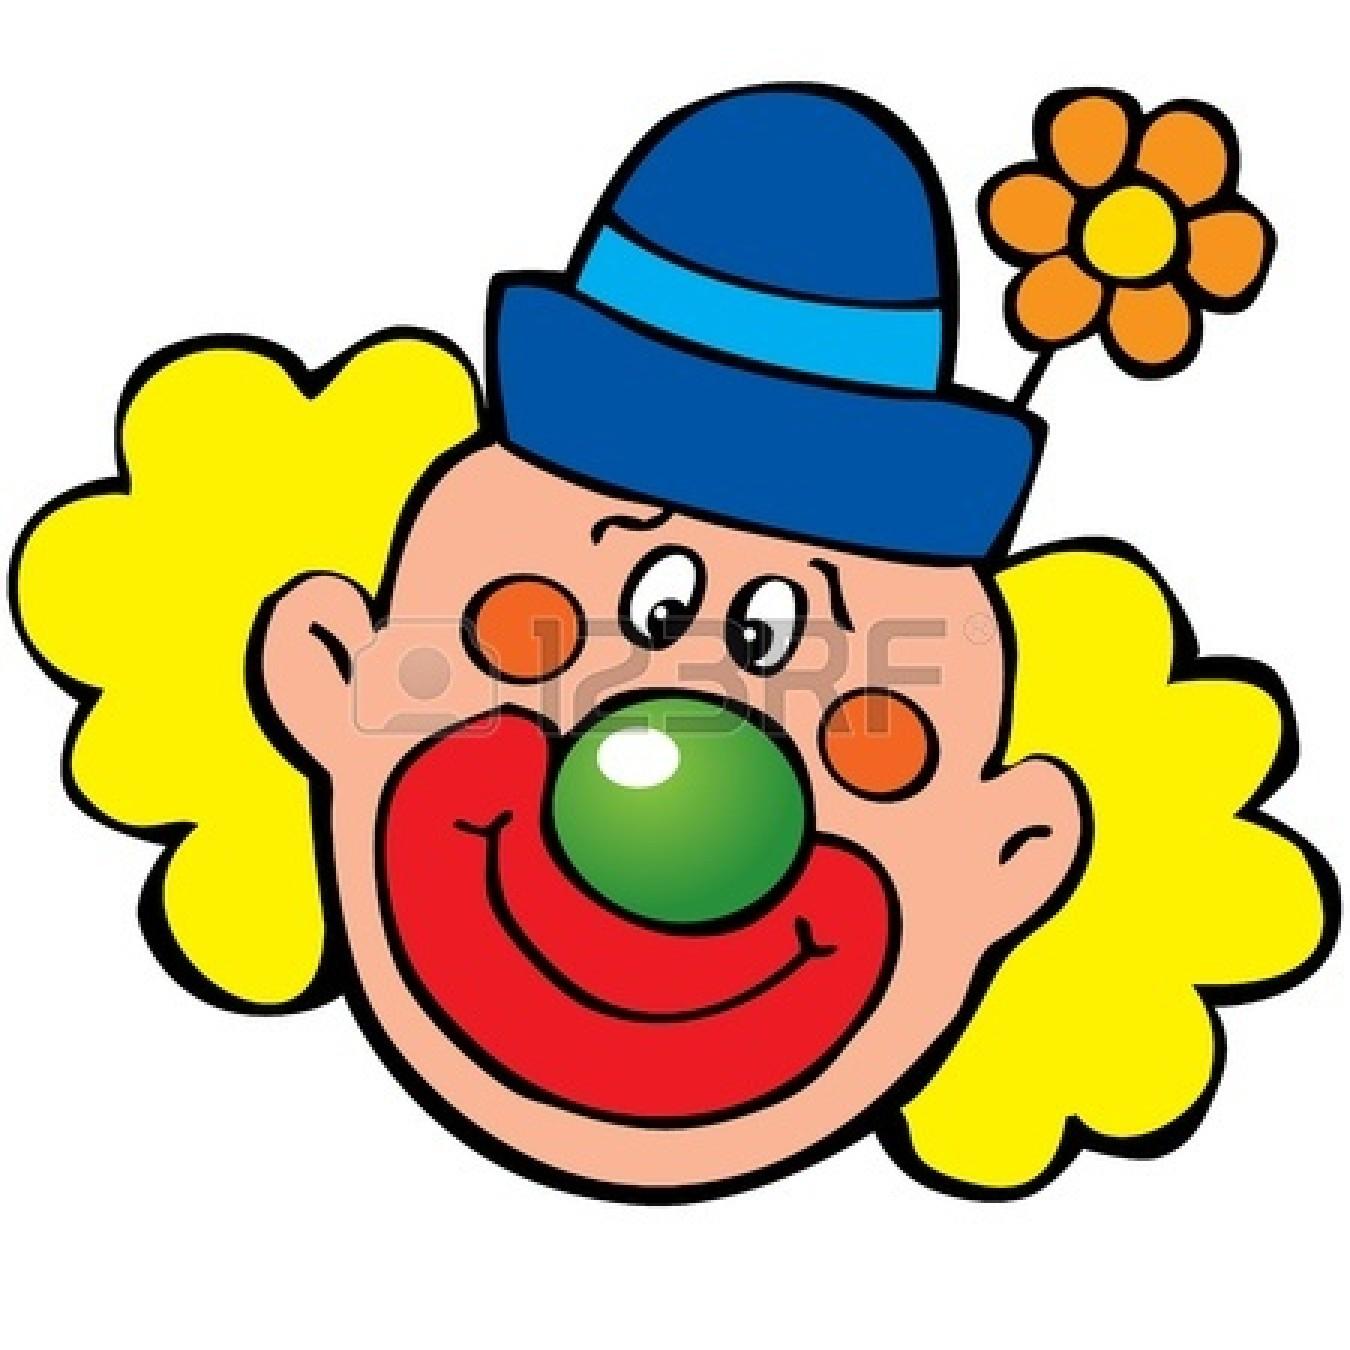 1350x1350 Clown Face Clipart